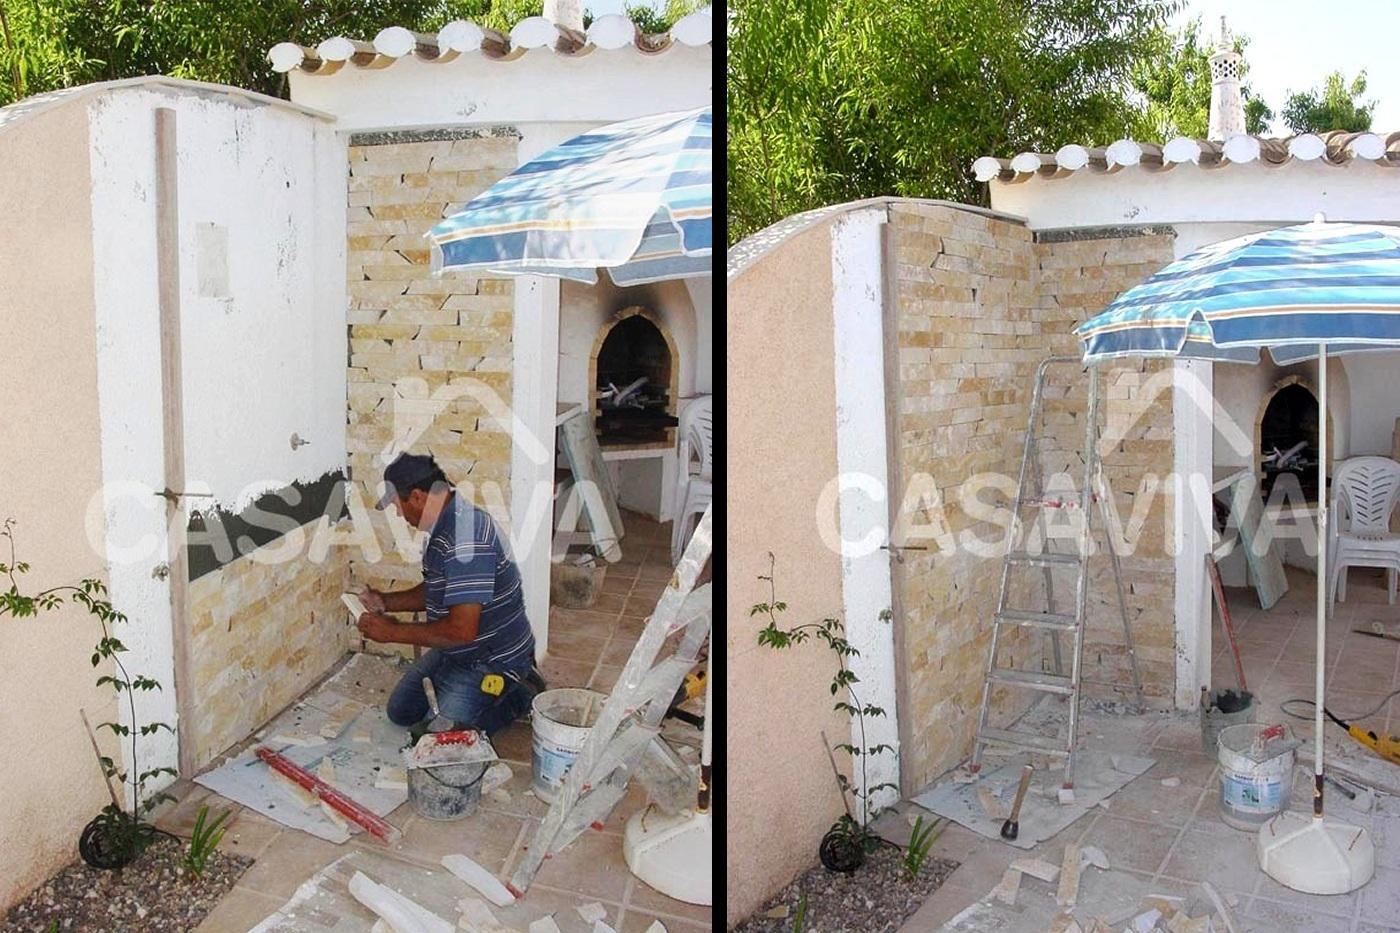 ideias jardins moradias : ideias jardins moradias:Remodelação de espaço exterior.Revestimento de parede com pedra